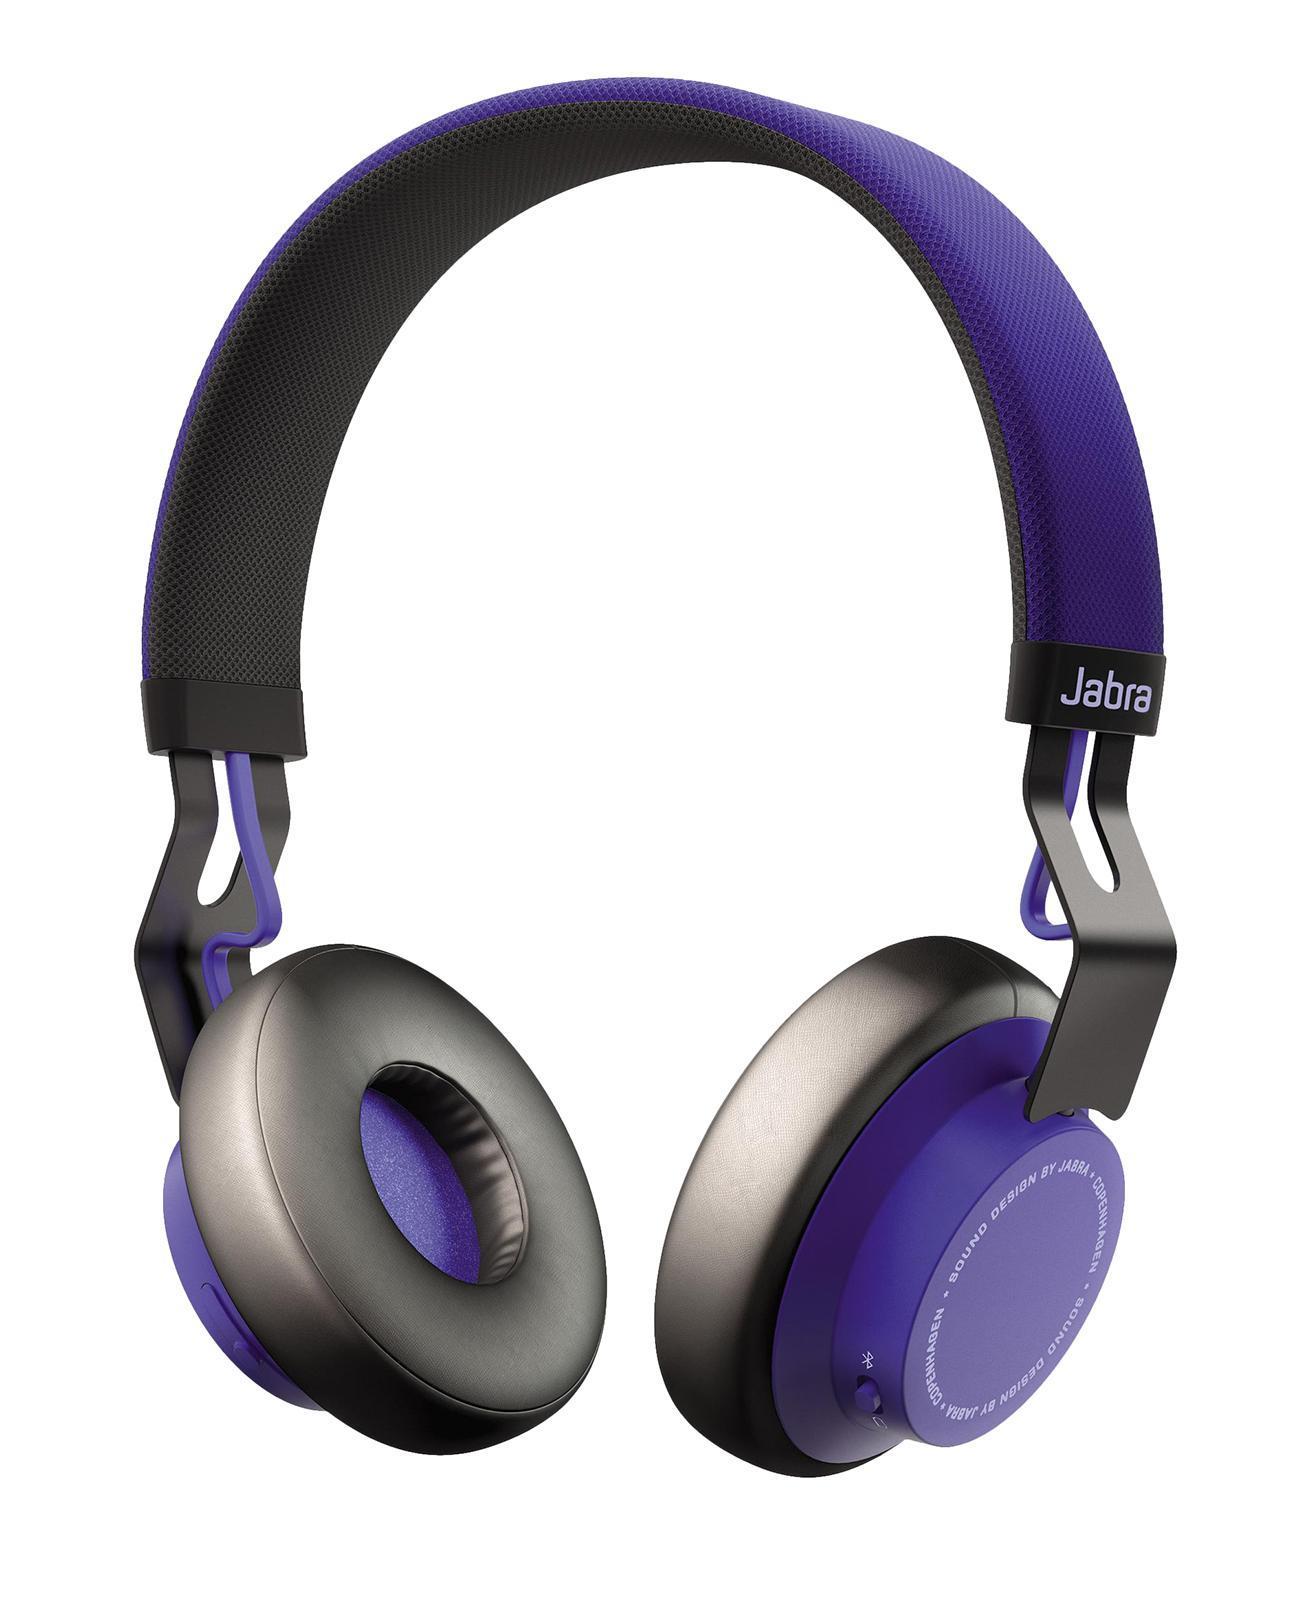 Jabra Move, Blue Bluetooth гарнитура100-96300001-60Мощный звук для большого мира. Благодаря вкладу ведущих мировых специалистов по звуку в проектирование Jabra Move Wireless предлагают непревзойденное качество звука в категории беспроводных наушников. Фирменная цифровая обработка сигналов Jabra DSP обеспечивает четкий цифровой звук, открывающий истинную глубину и звучание любимой музыки. Созданные вдохновлять, СОЗДАННЫЕ ДЛЯ ЖИЗНИ. Скандинавский дизайн наушников Move Wireless с четкими, выверенными линиями. Мощь звучания и разнообразие функций. При выборе цветов мы черпали вдохновение из огней и красок современного мегаполиса, а при разработке ультралегкого регулируемого оголовья стремились сделать его более удобным для ношения и максимально долговечным. Move Wireless дарит вам звуки музыки, где бы вы не находились. Пора оставить провода дома. Беспроводные технологии еще никогда не дарили столько свободы. Move Wireless просты в подключении, вы можете держать...